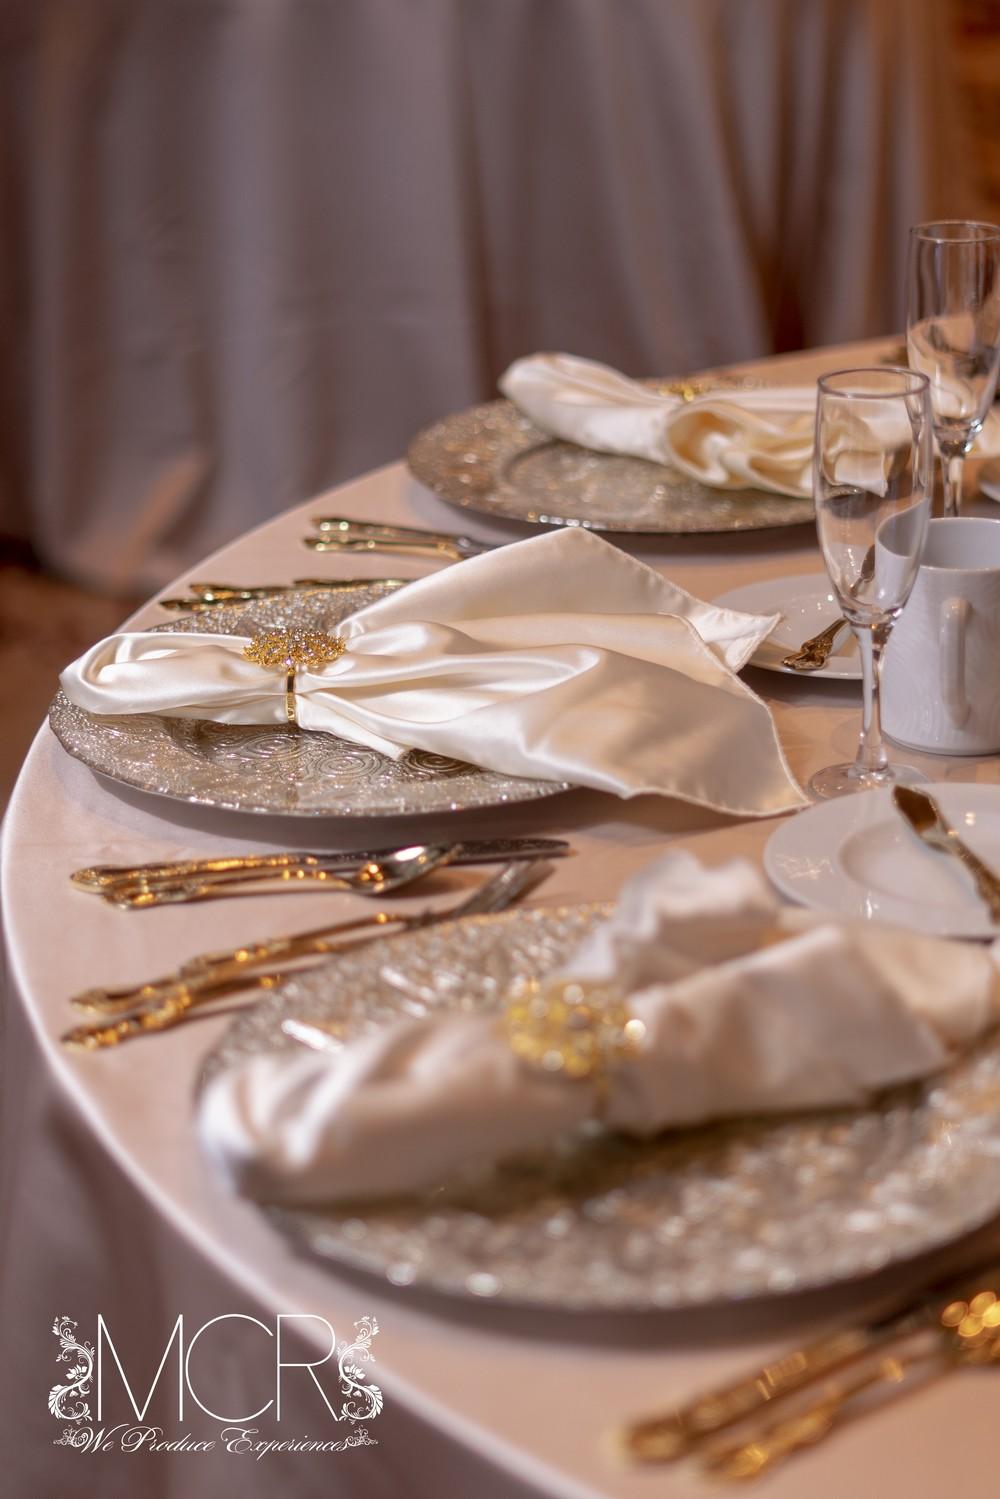 Pocono Wedding - table decoration